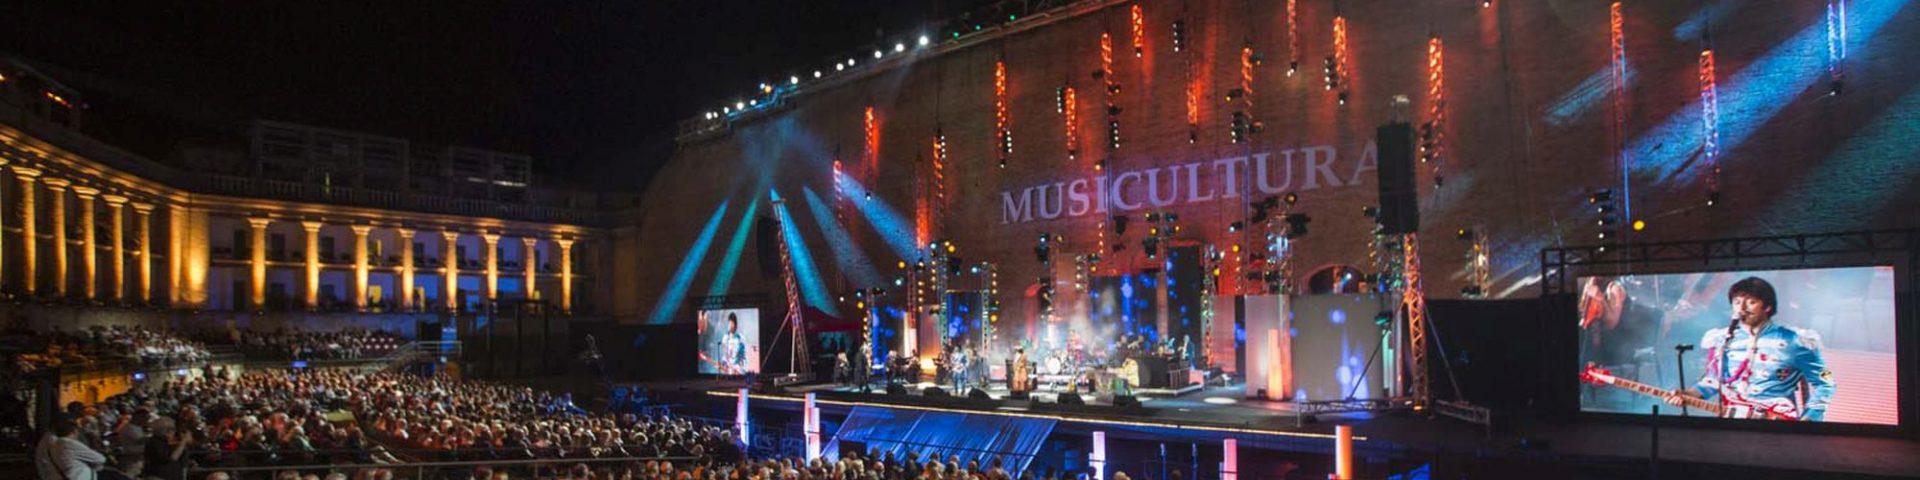 """John Vignola: """"Musicultura testimonia la biodiversità della musica"""""""